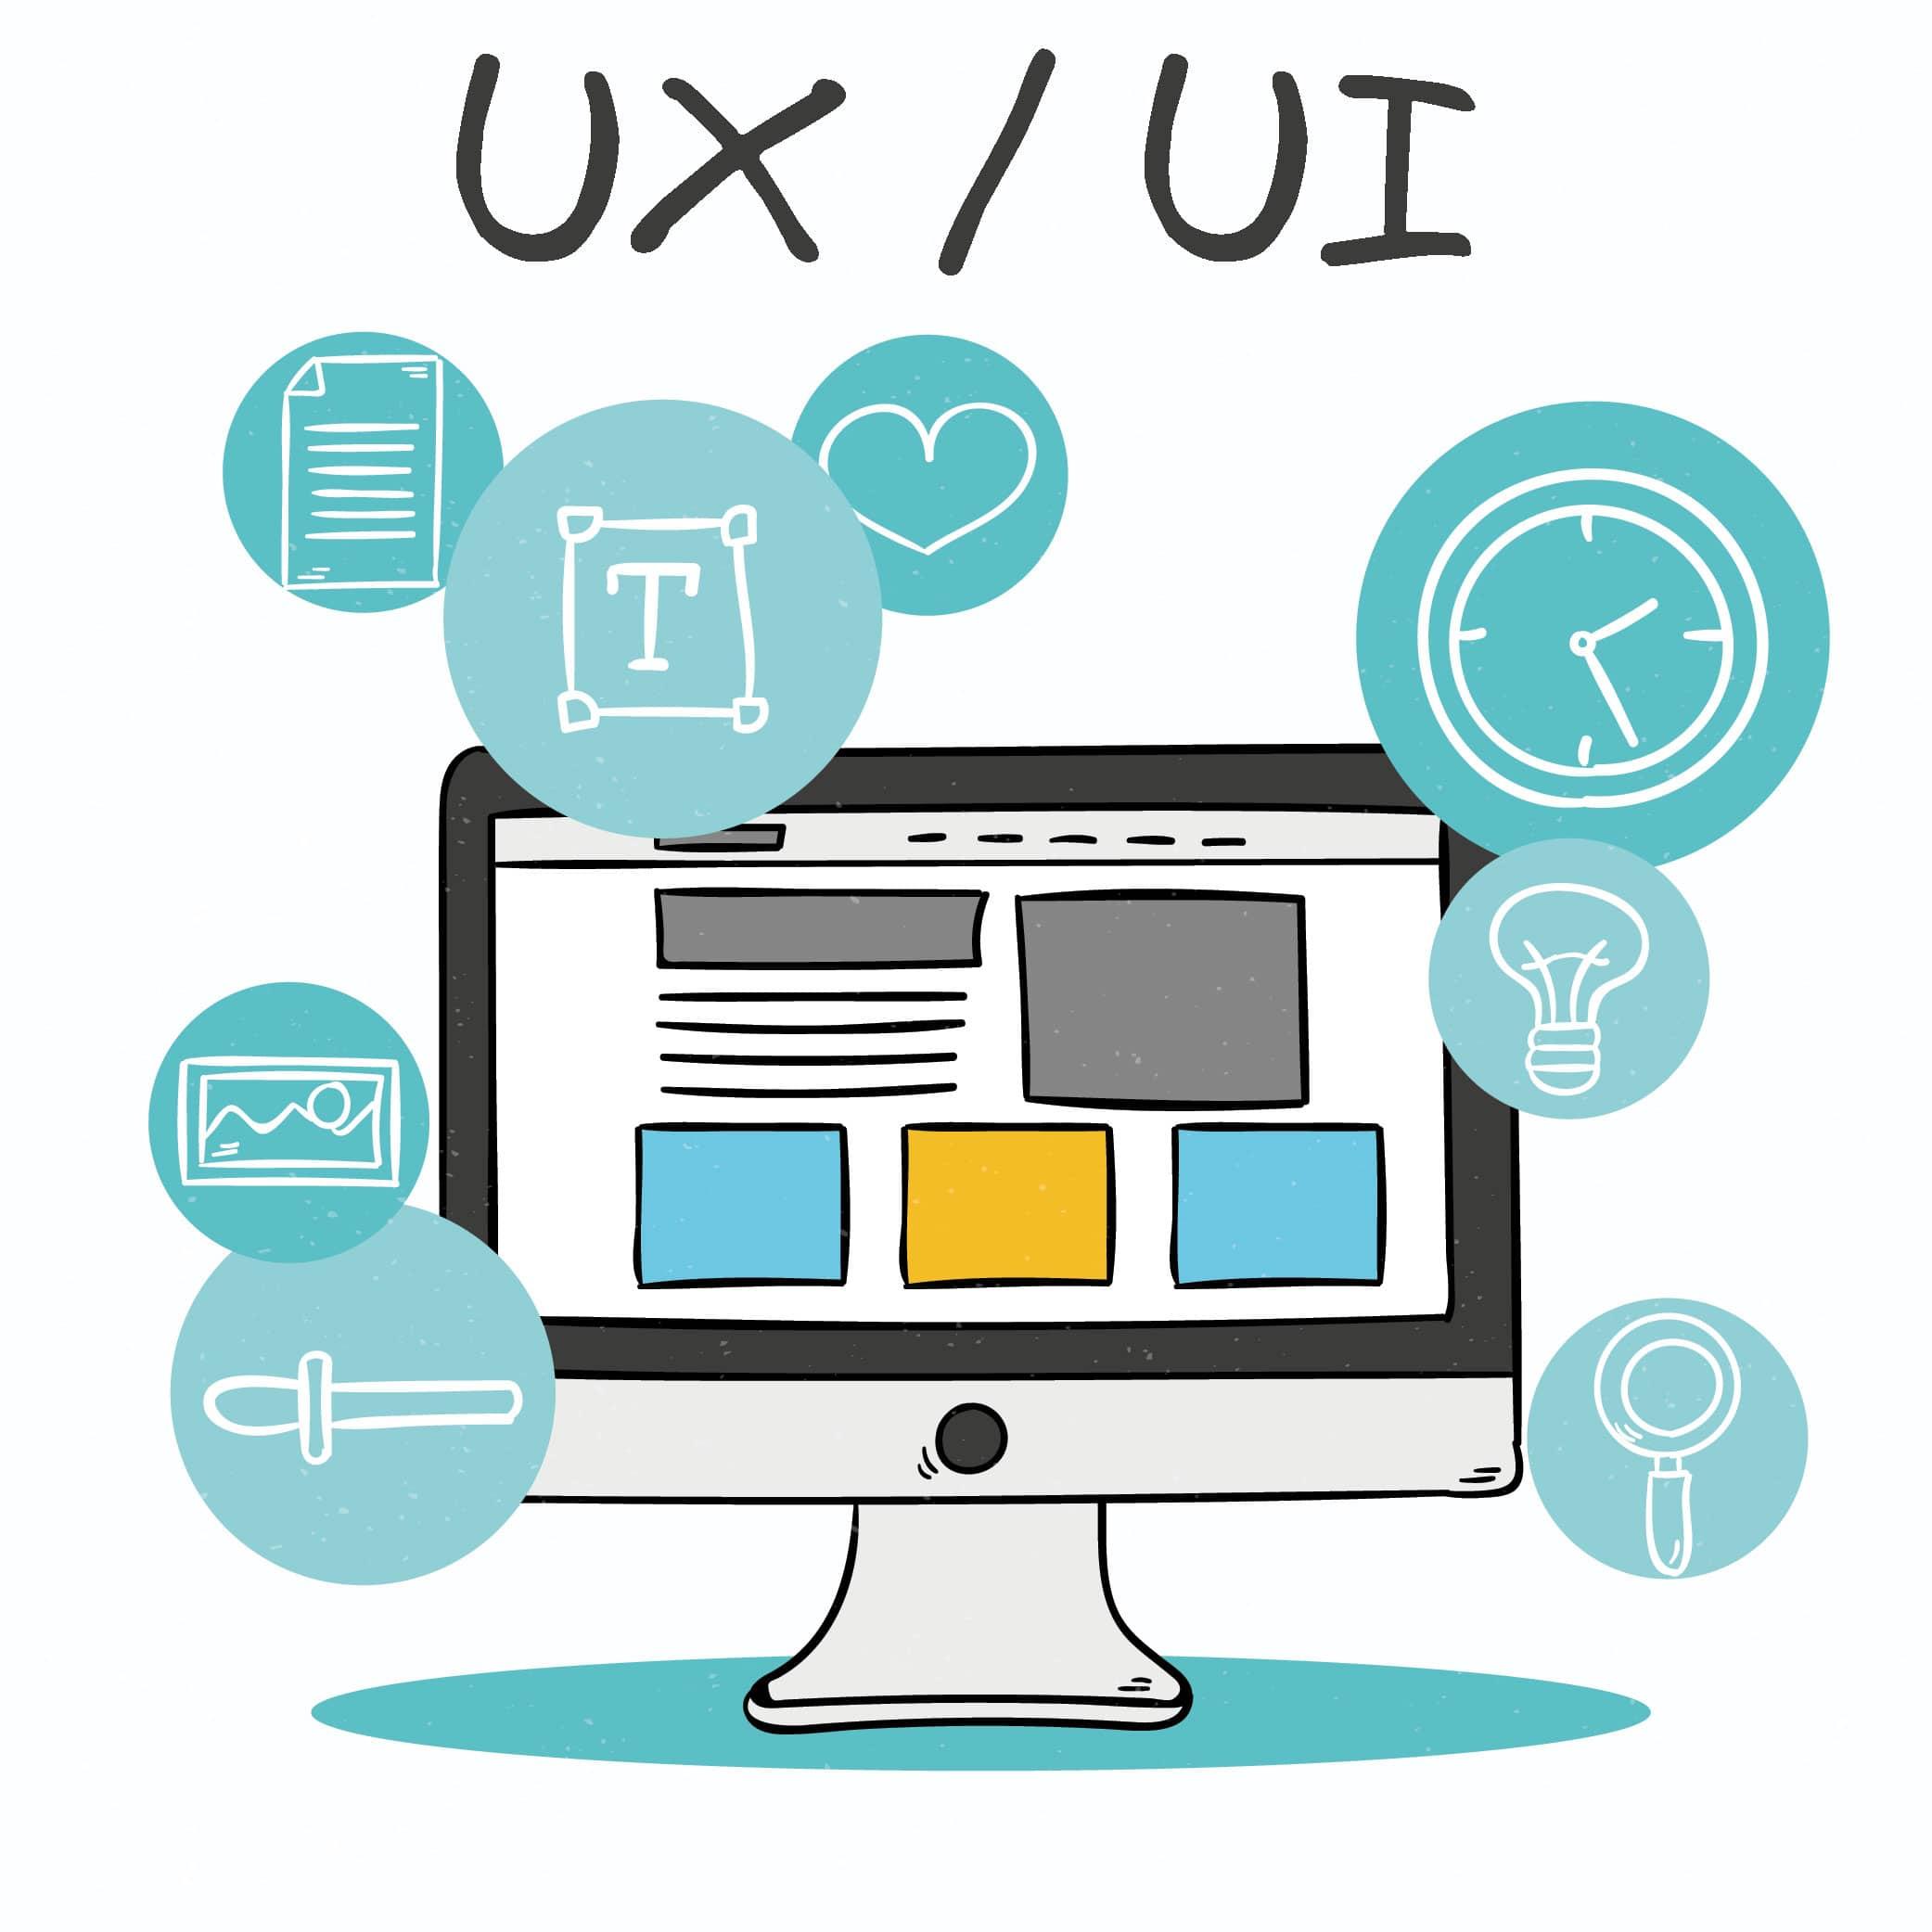 واجهات المستخدم و تجربة المستخدم